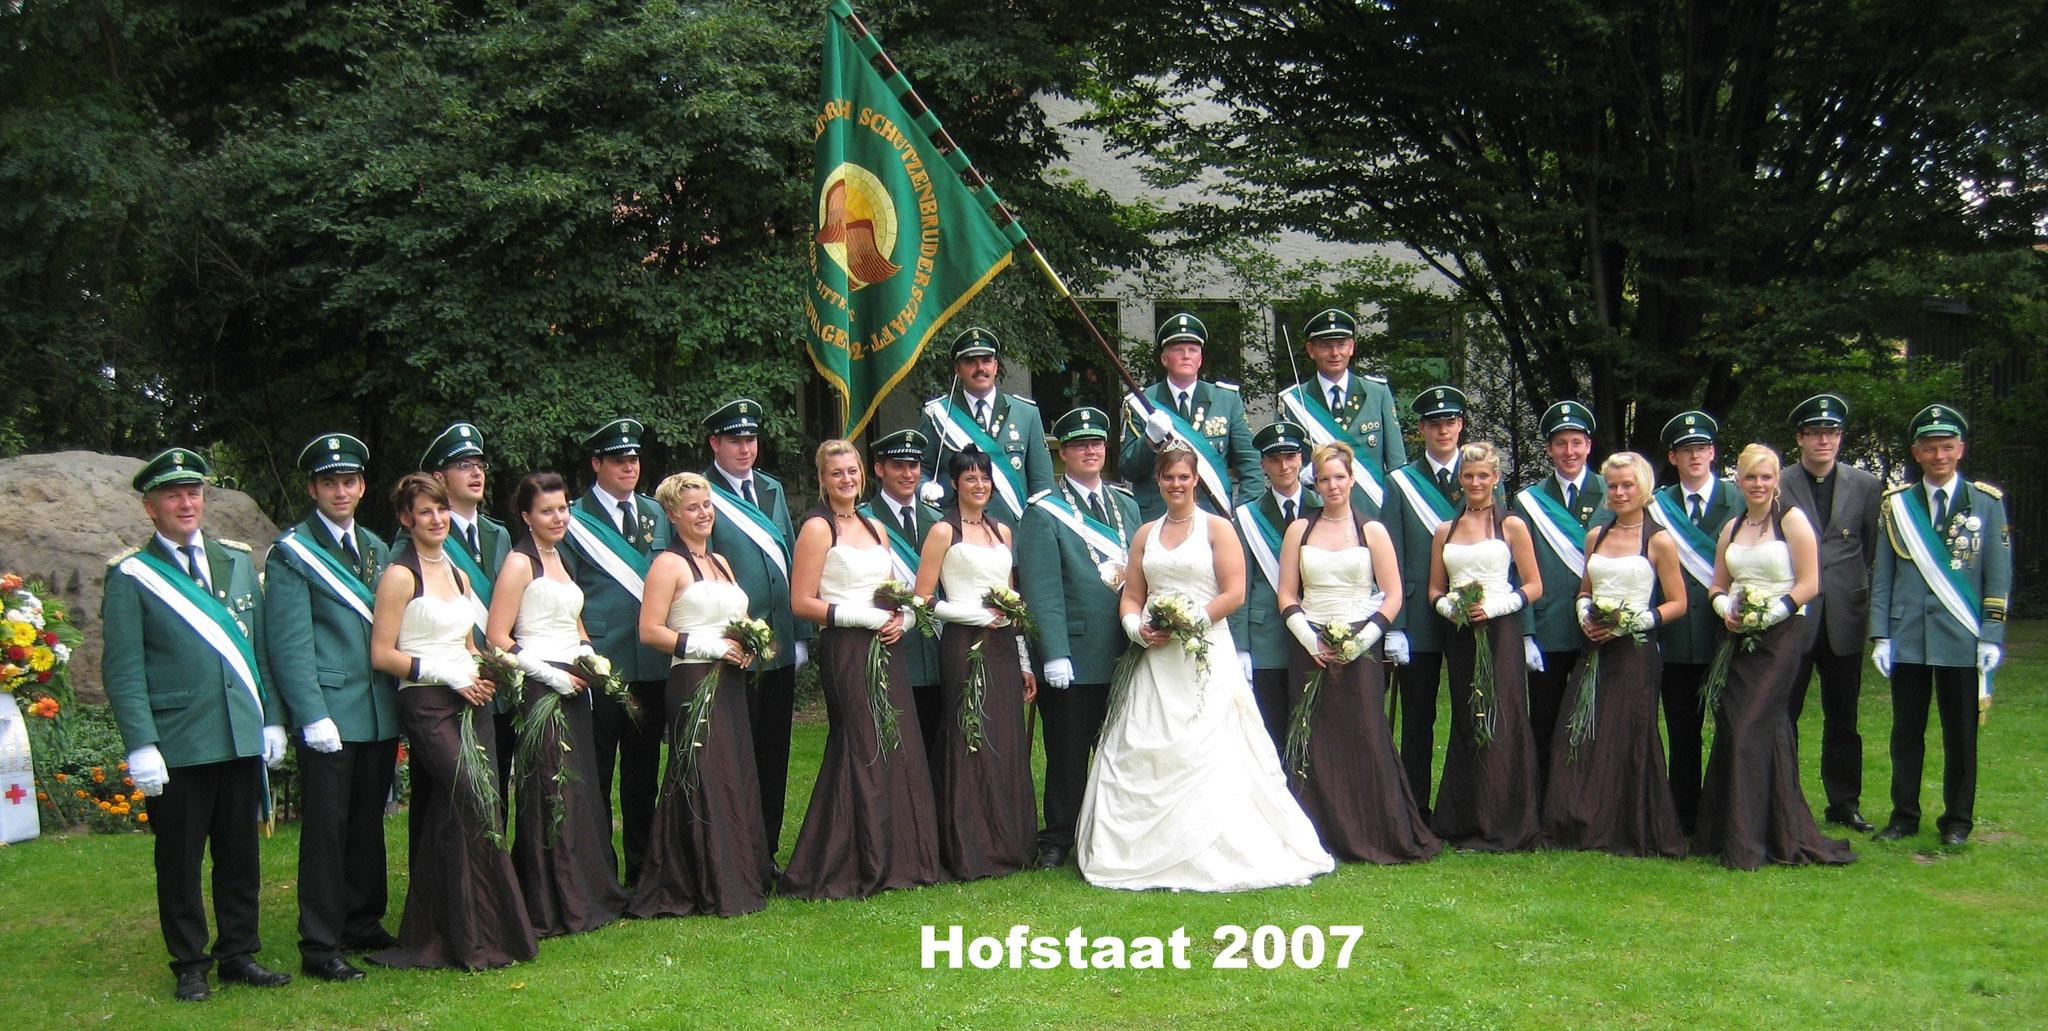 Hofstaat 2007 Stefan Hessel und Jennifer Schniedertüns 10 Jahre